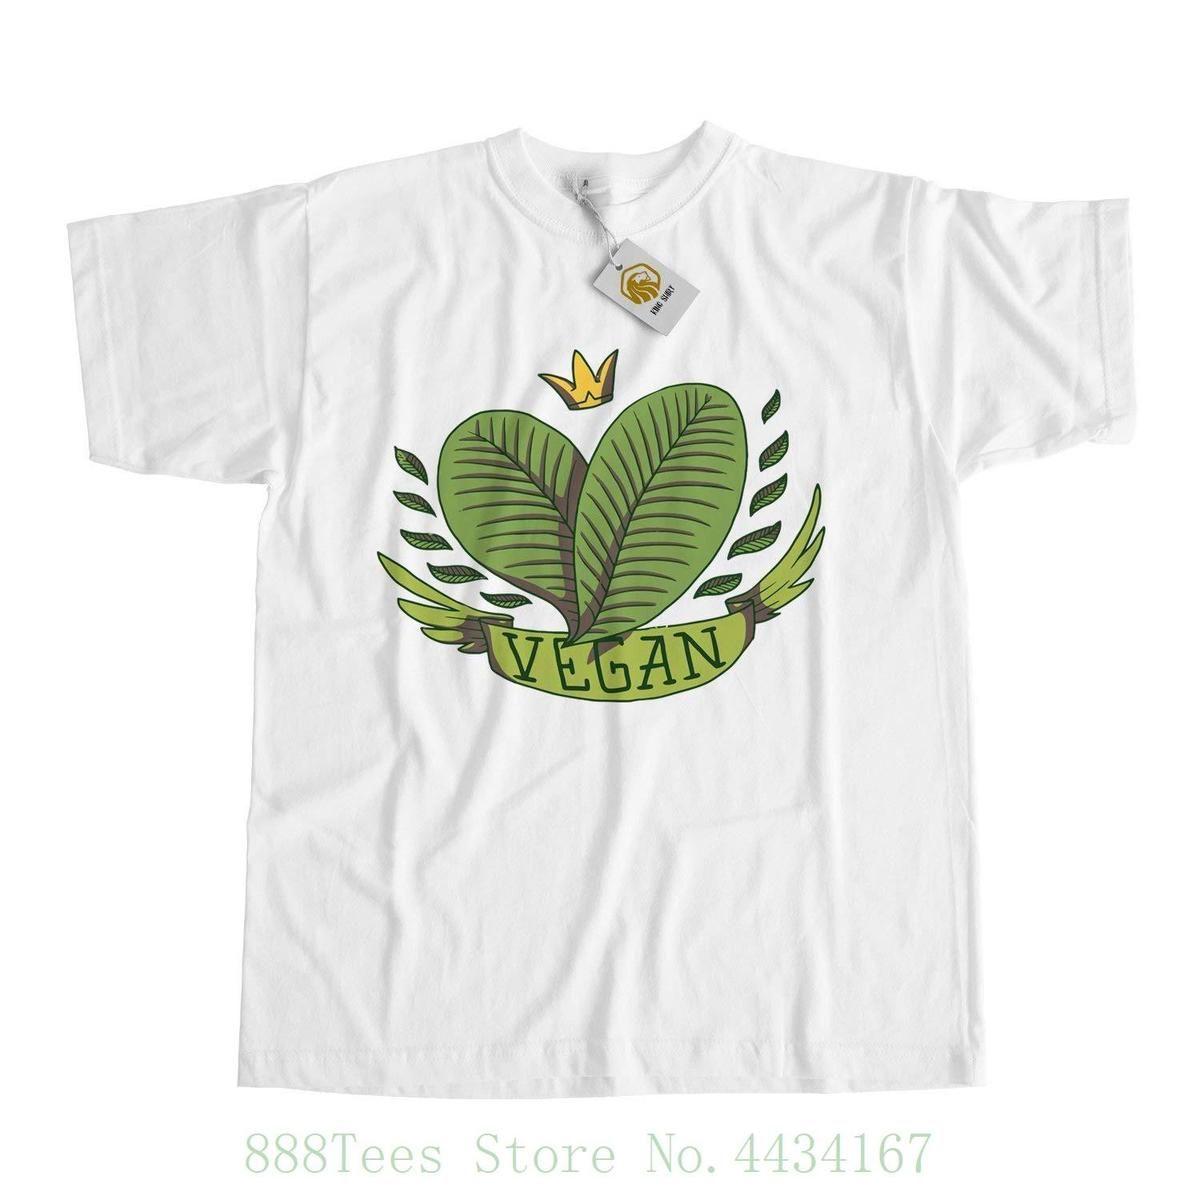 Compre Estilo De Vida Vegano Camiseta Con Hojas Y Corona dcea57c55c5